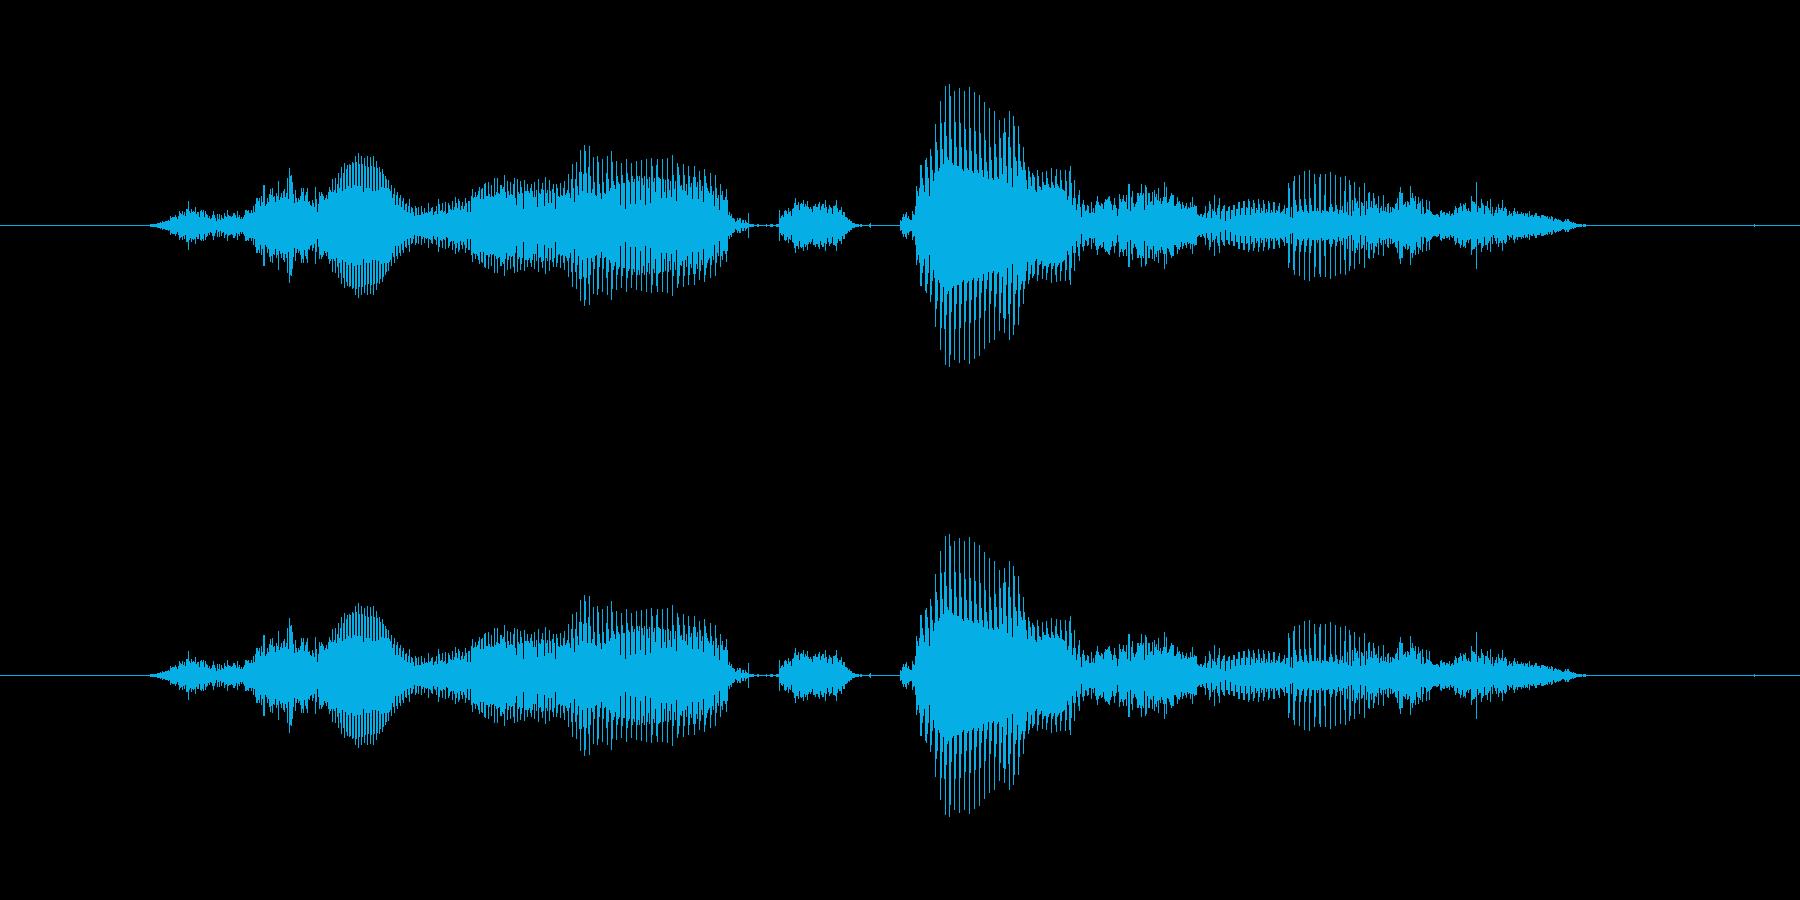 【時報・時間】7時をお伝えしますの再生済みの波形